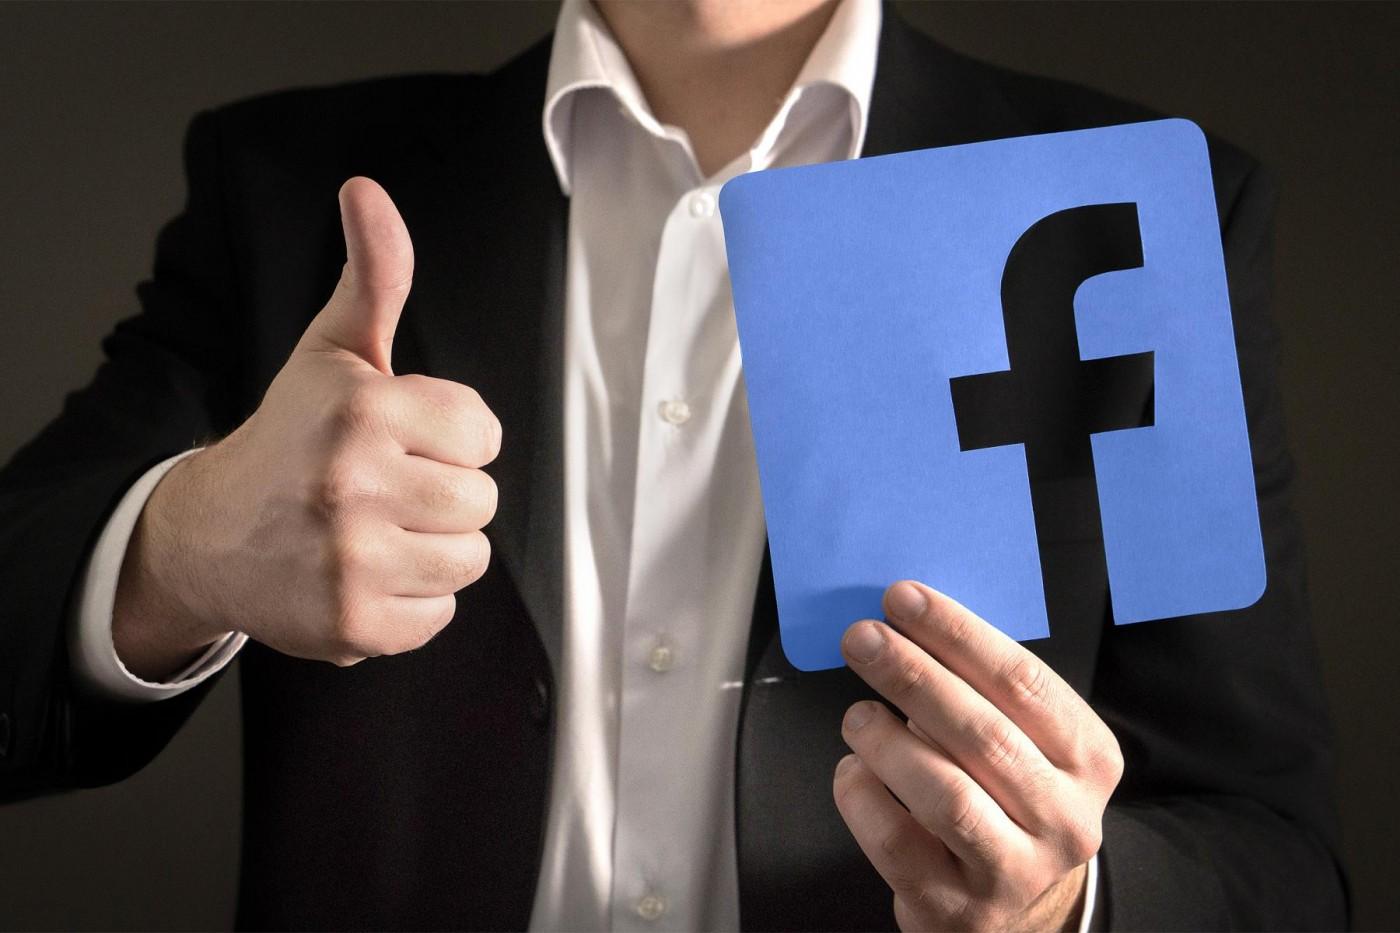 看新聞要錢時代來臨!Facebook攜手10家媒體推「付費訂閱」測試